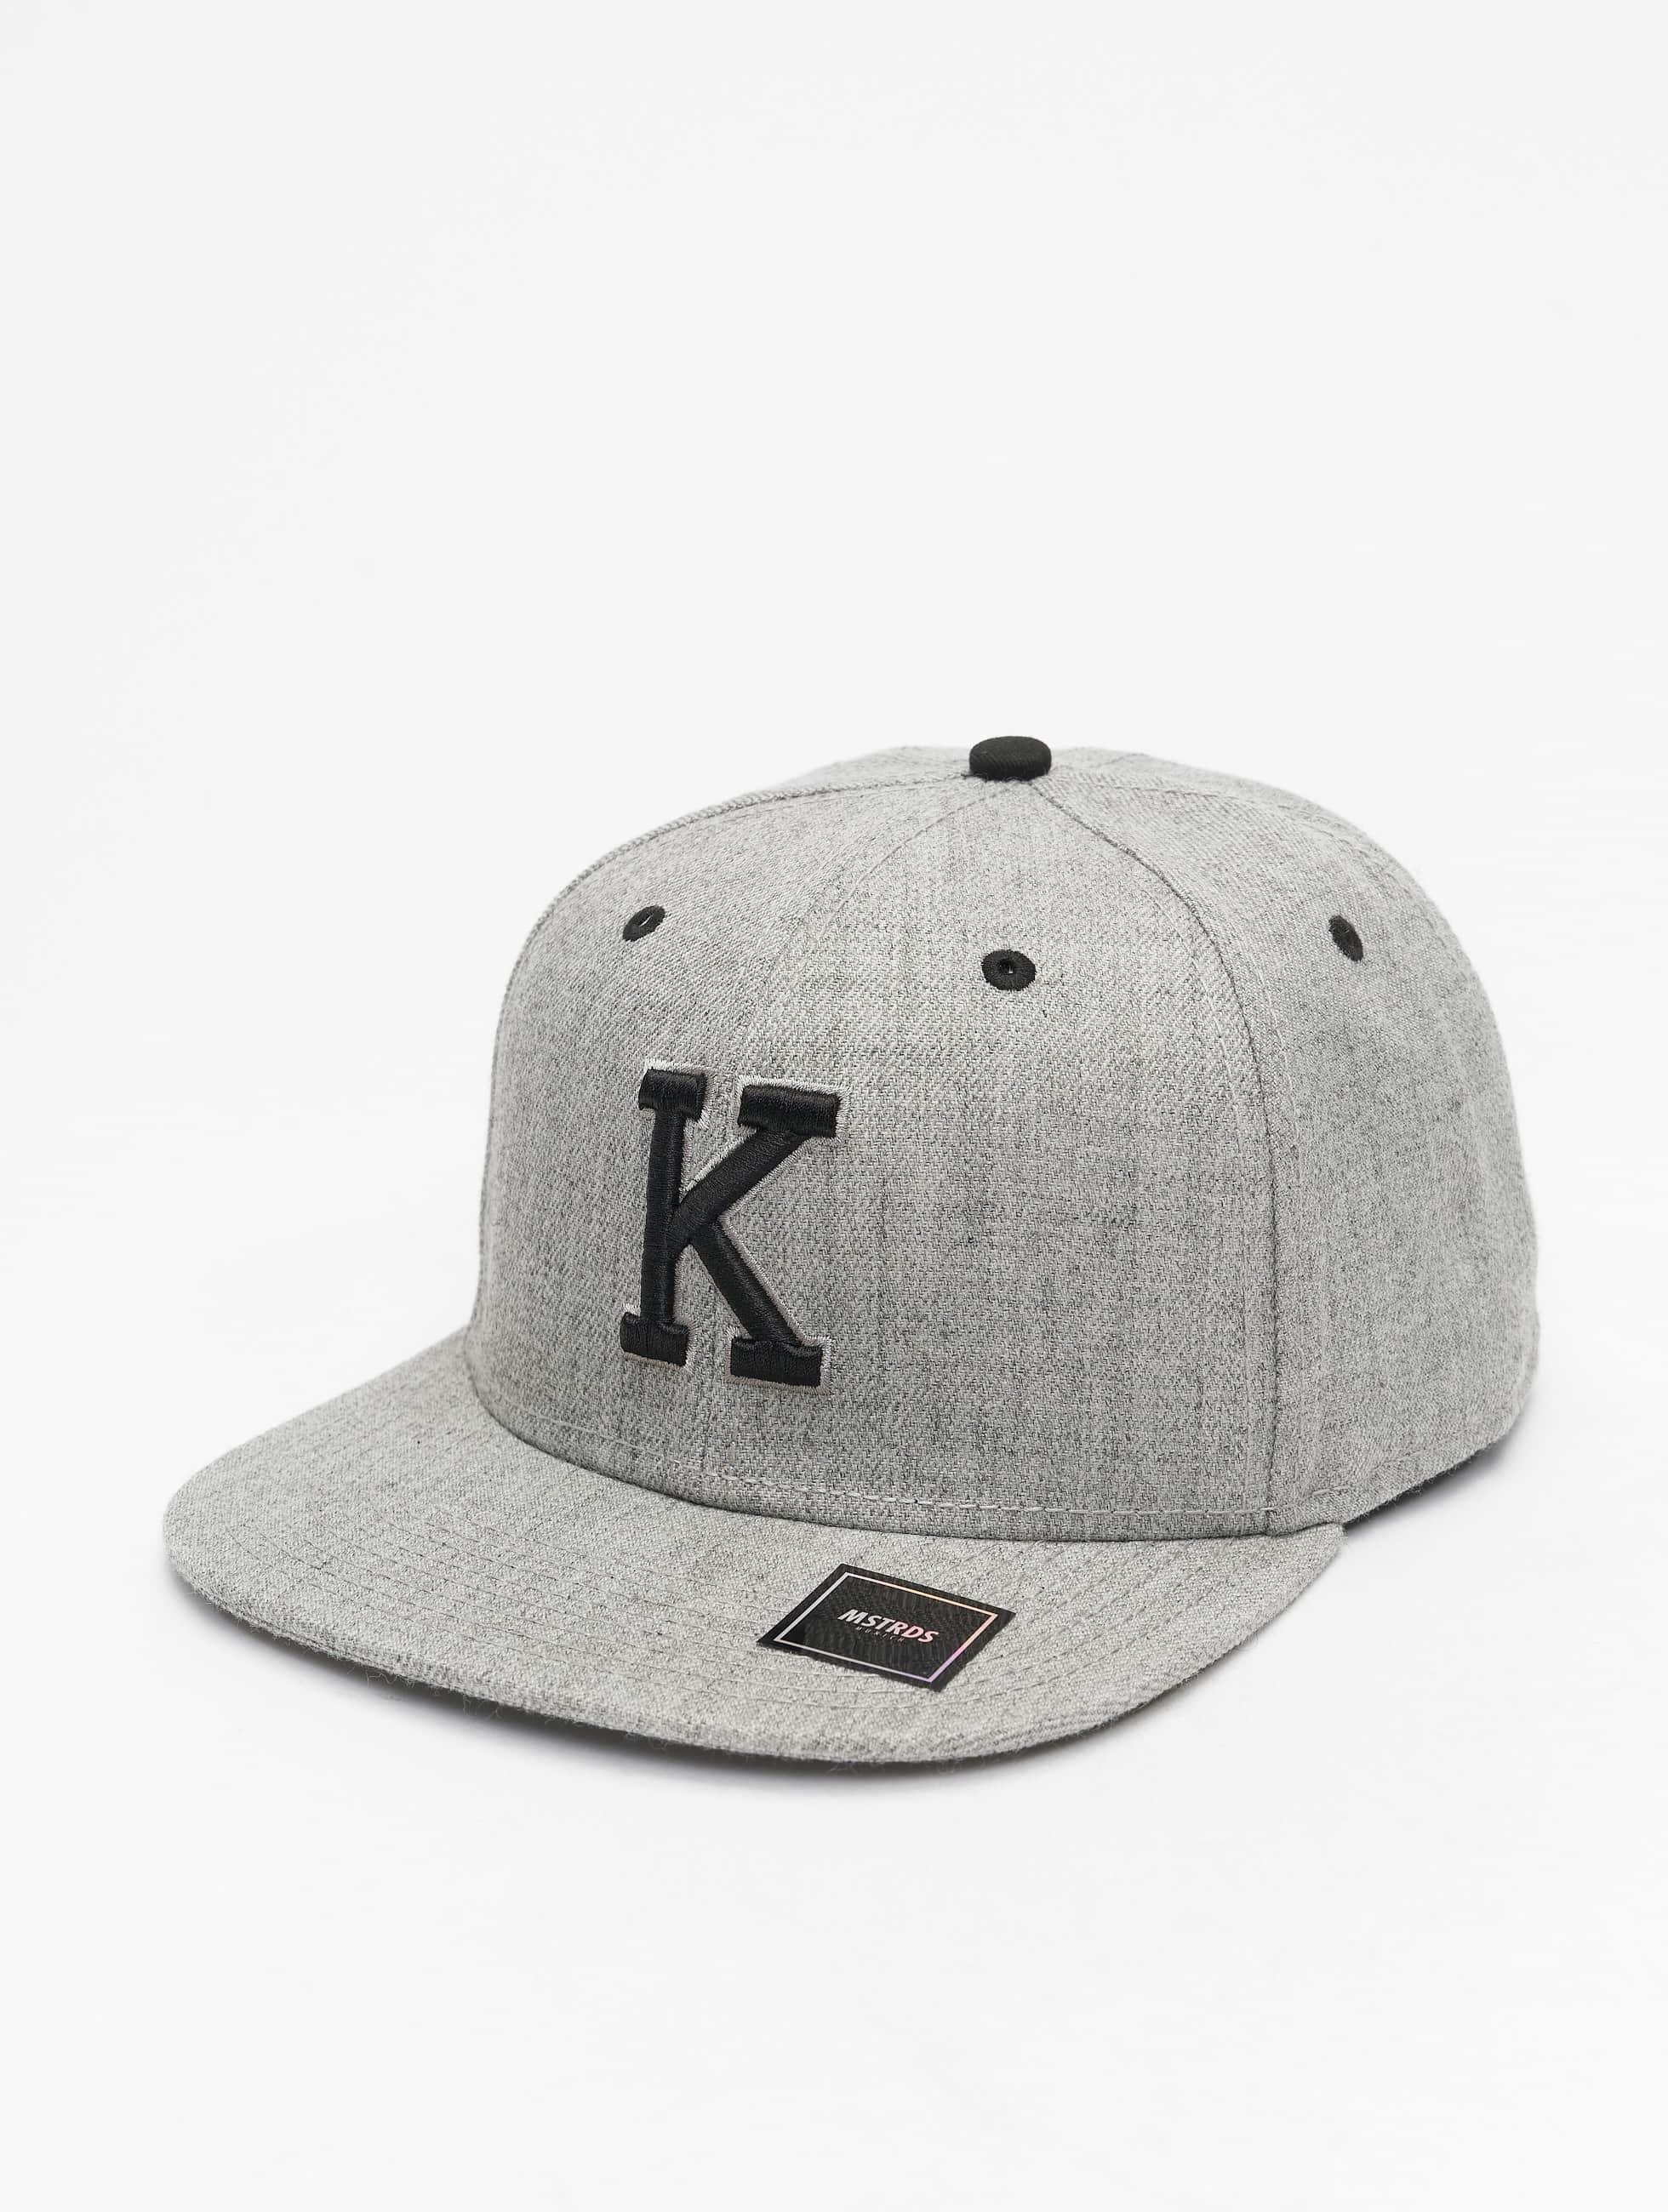 MSTRDS Snapback Cap K Letter grey